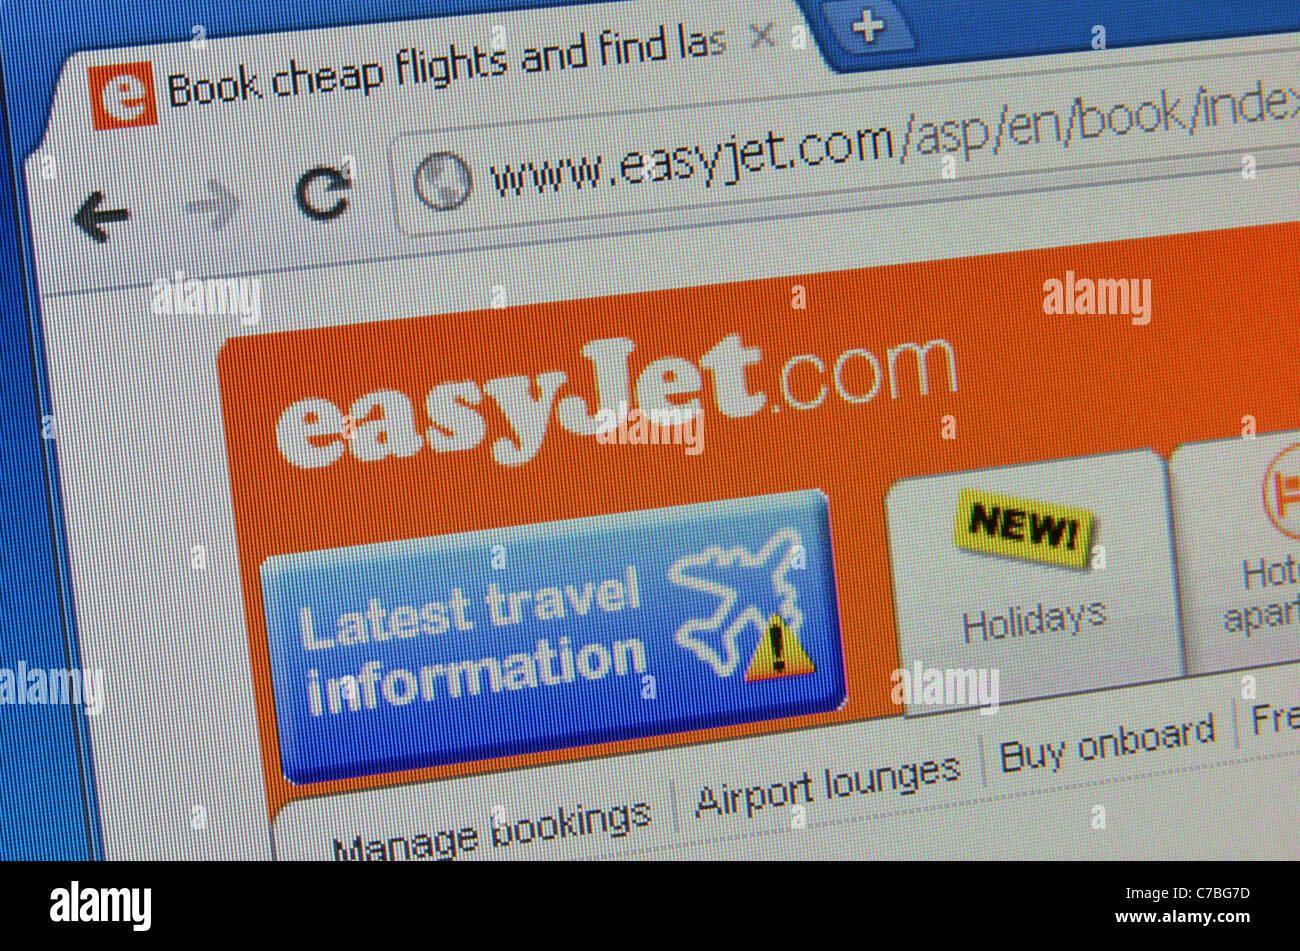 Easyjet website screenshot - Stock Image